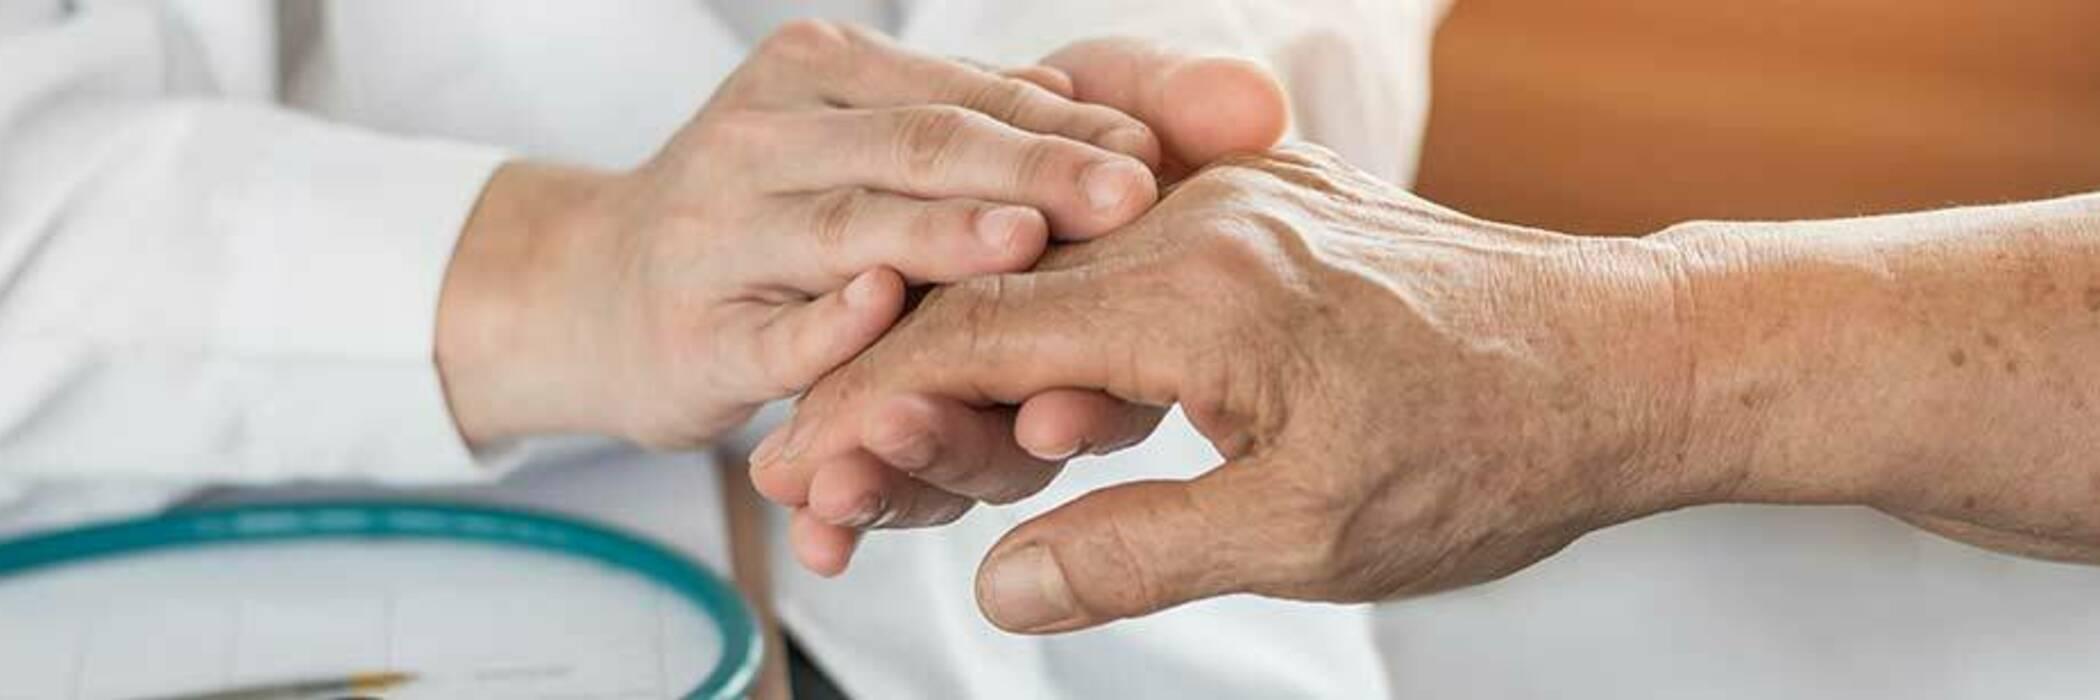 Doctor holding elderly patient's hand.